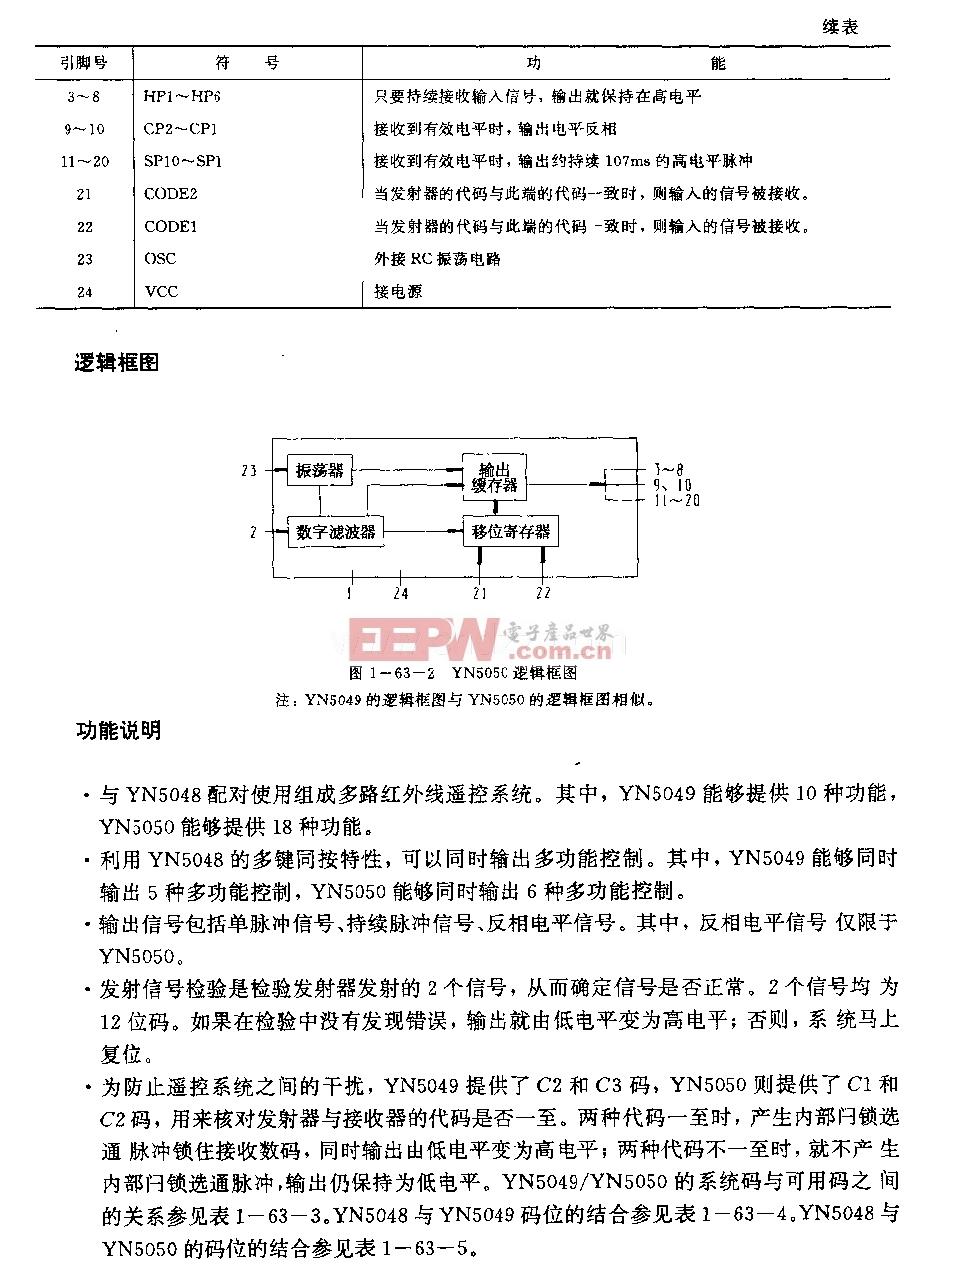 YN5049/YN5050 (电视机、录像机和音响)红外线遥控发射电路YN504